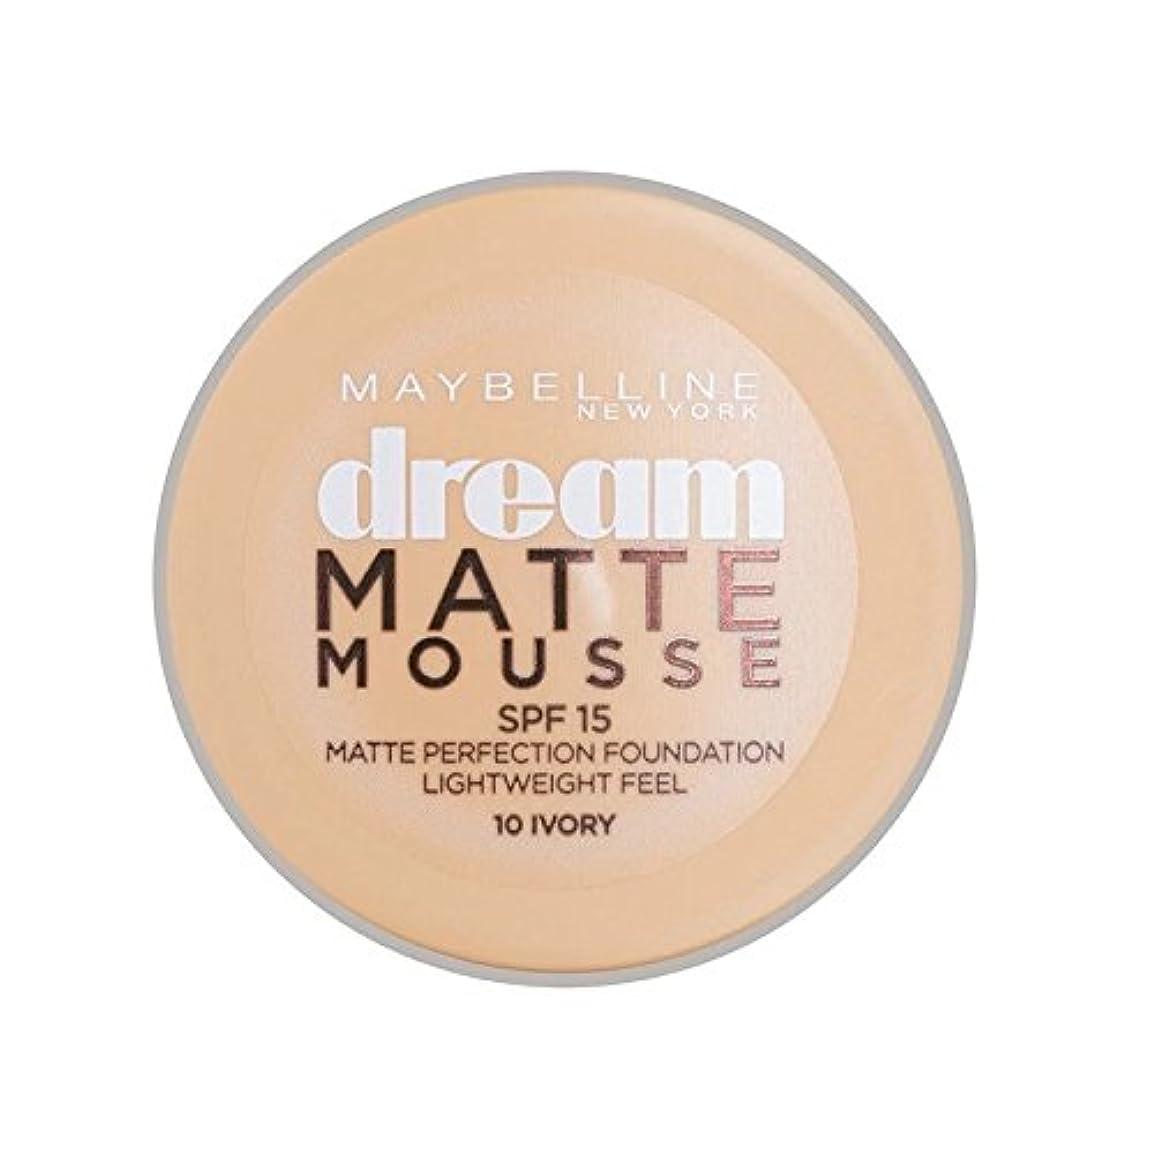 化学薬品ブラウスツーリストメイベリン夢マットムース土台10アイボリー10ミリリットル x2 - Maybelline Dream Matte Mousse Foundation 10 Ivory 10ml (Pack of 2) [並行輸入品]